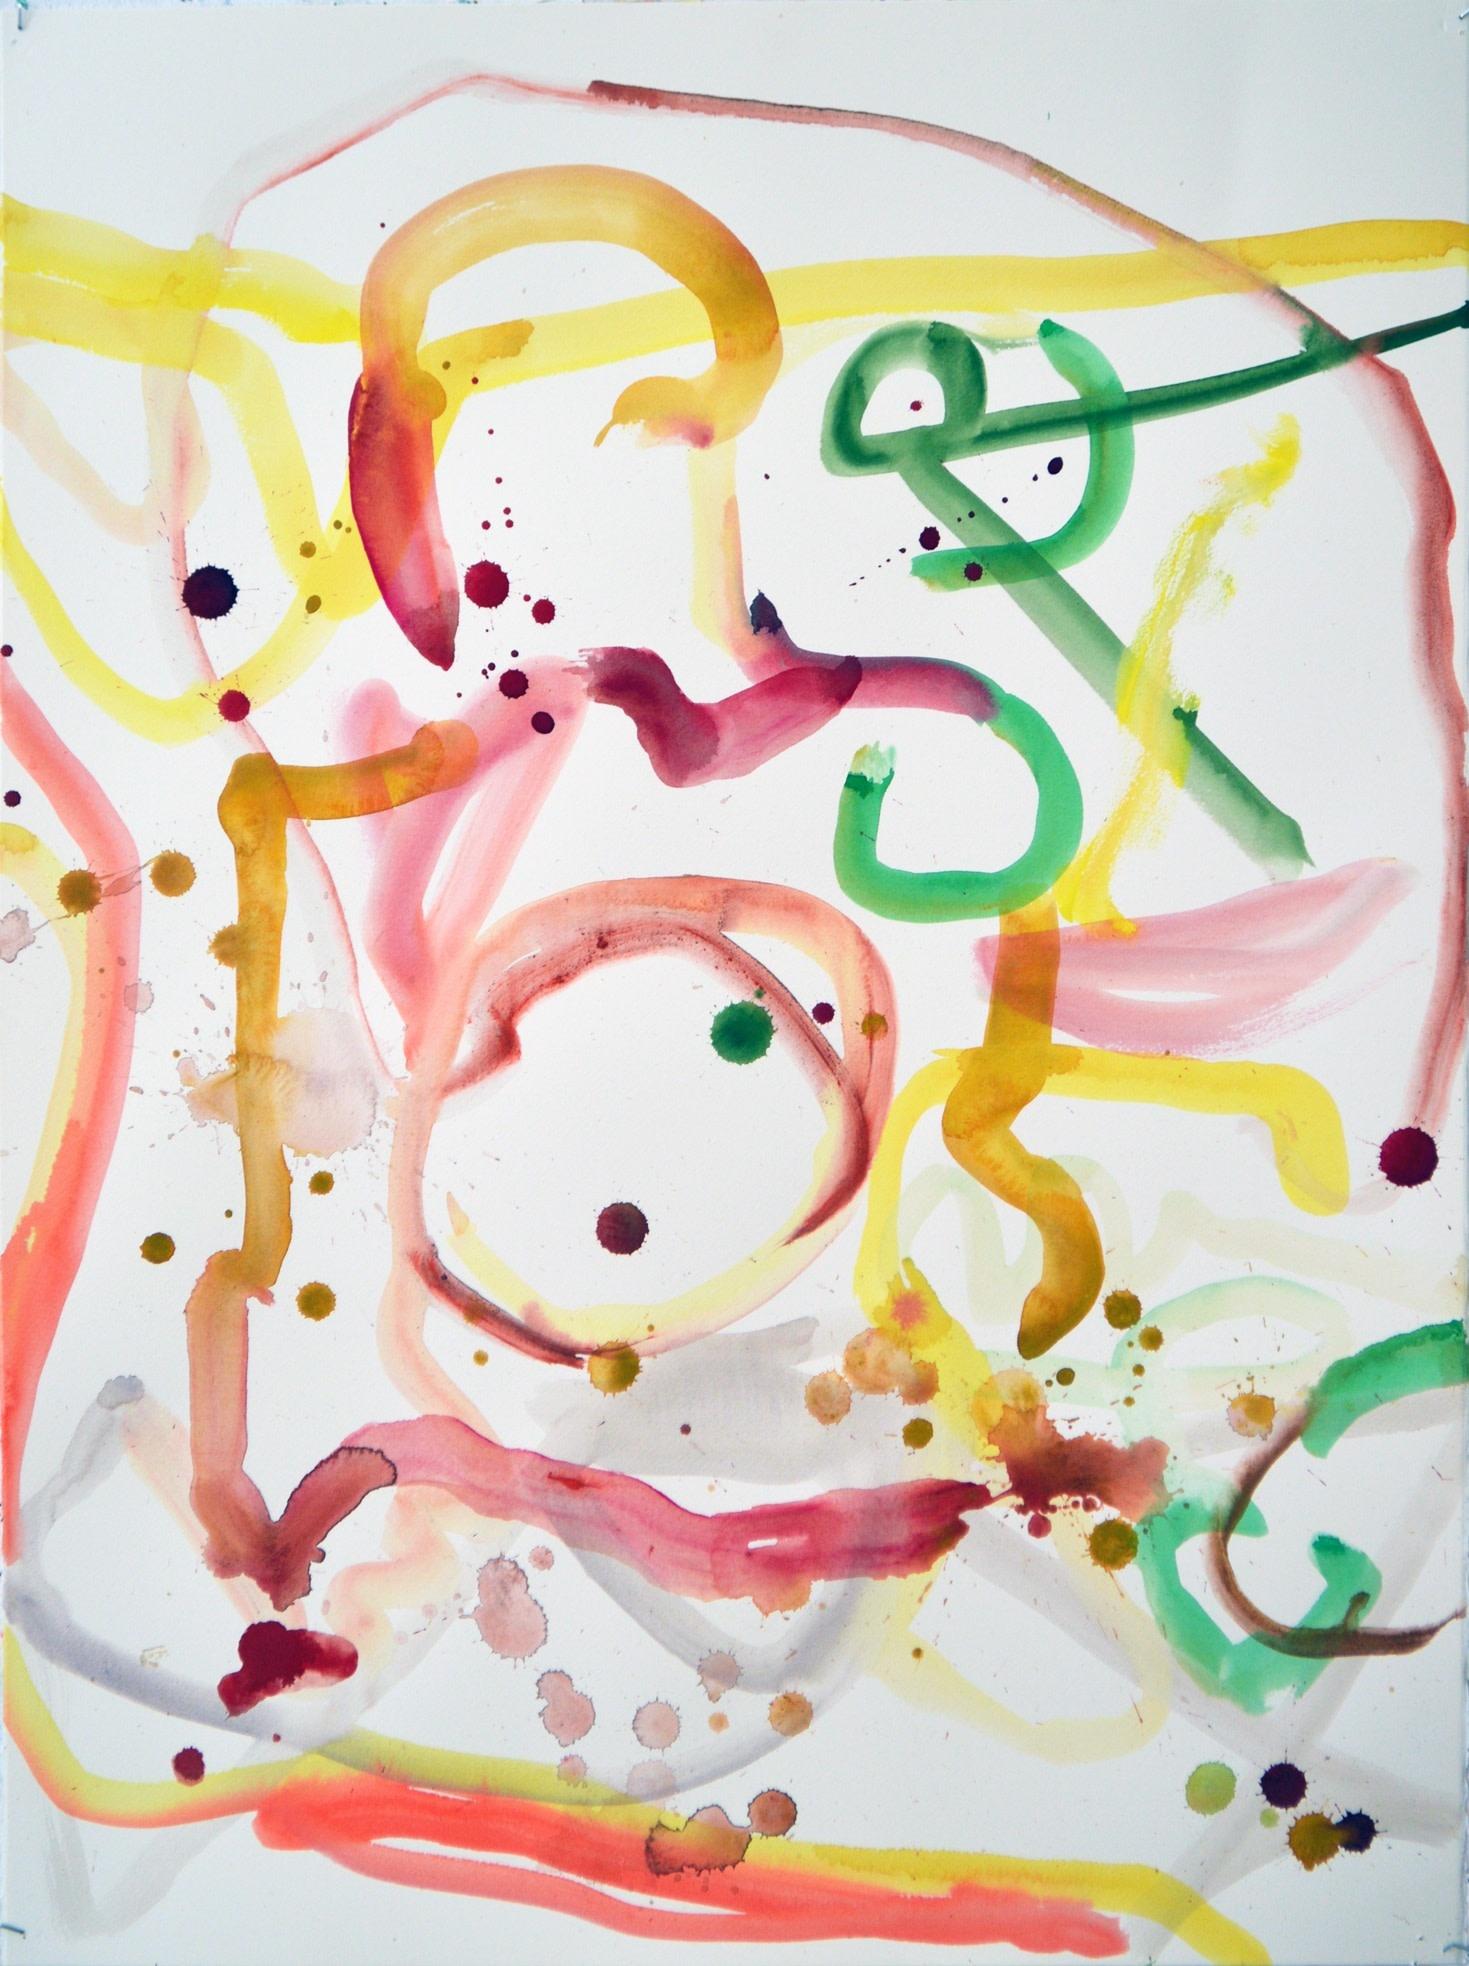 <span class=&#34;link fancybox-details-link&#34;><a href=&#34;/exhibitions/24/works/artworks_standalone10707/&#34;>View Detail Page</a></span><div class=&#34;artist&#34;><span class=&#34;artist&#34;><strong>James Faure Walker</strong></span></div><div class=&#34;title&#34;><em>Fenwick</em></div><div class=&#34;medium&#34;>watercolour</div><div class=&#34;dimensions&#34;>100 x 80cm</div>